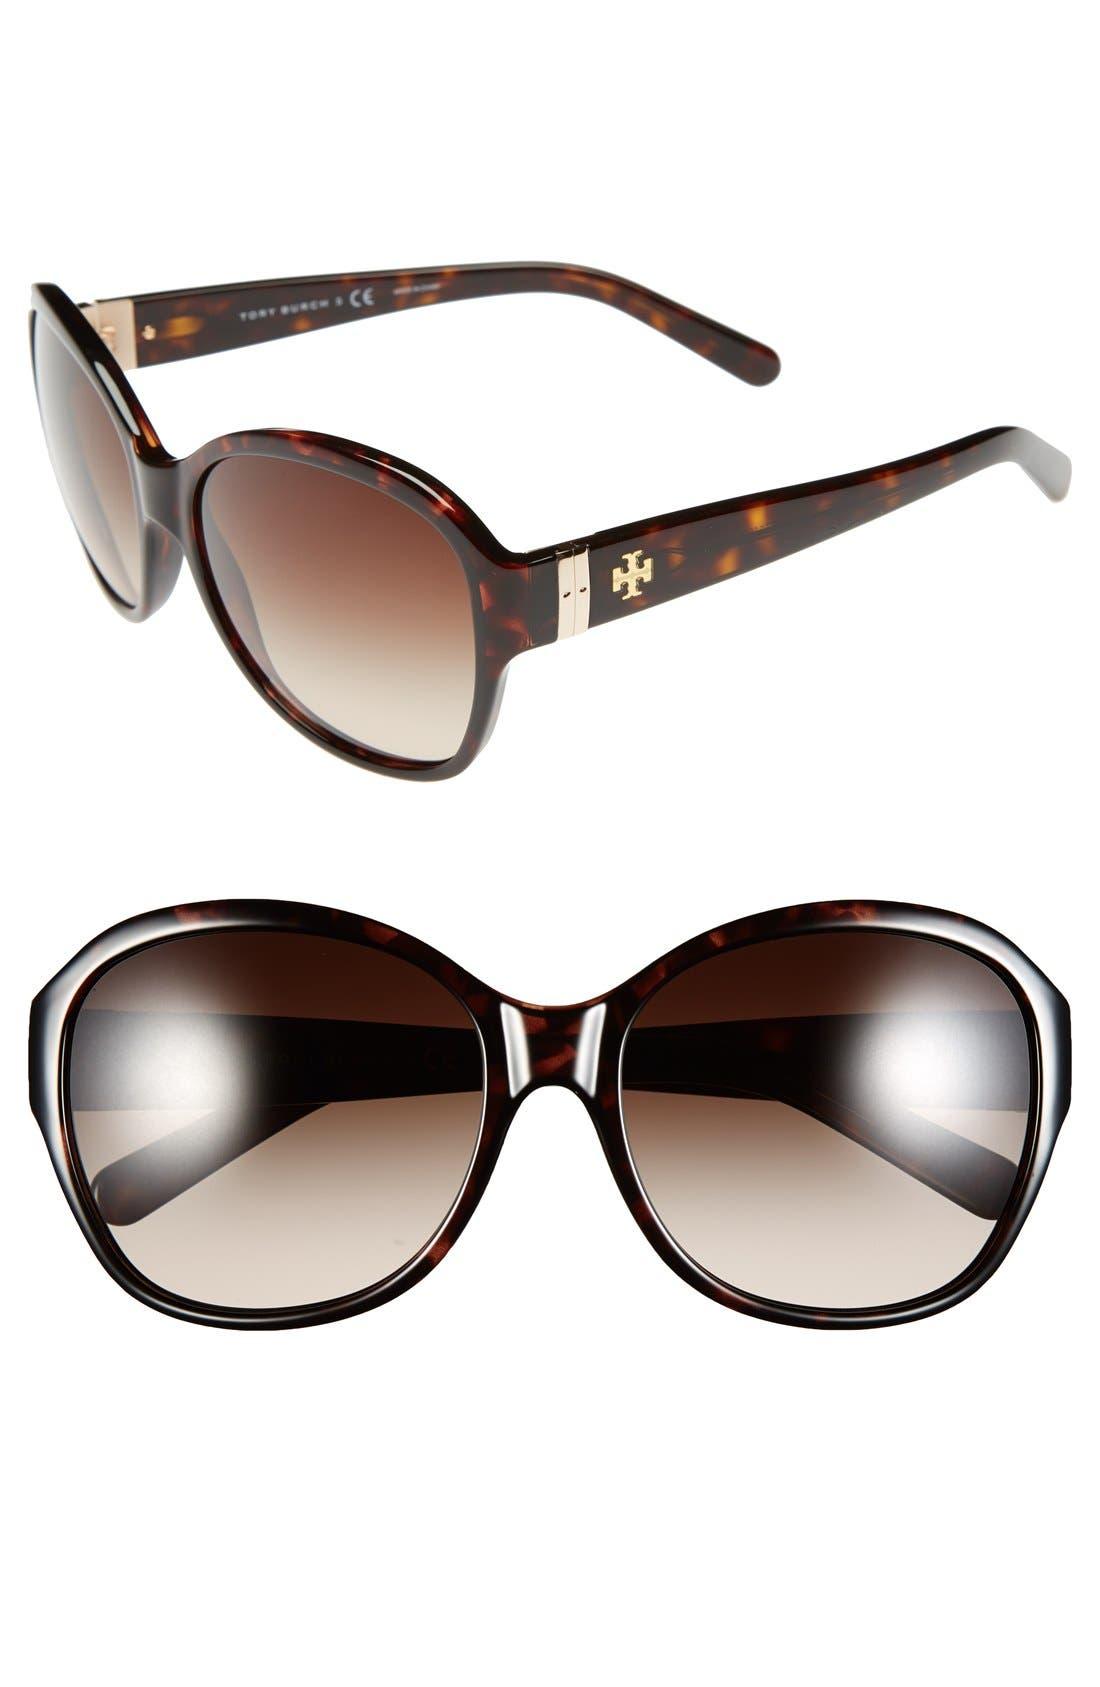 Main Image - Tory Burch 57mm Round Sunglasses